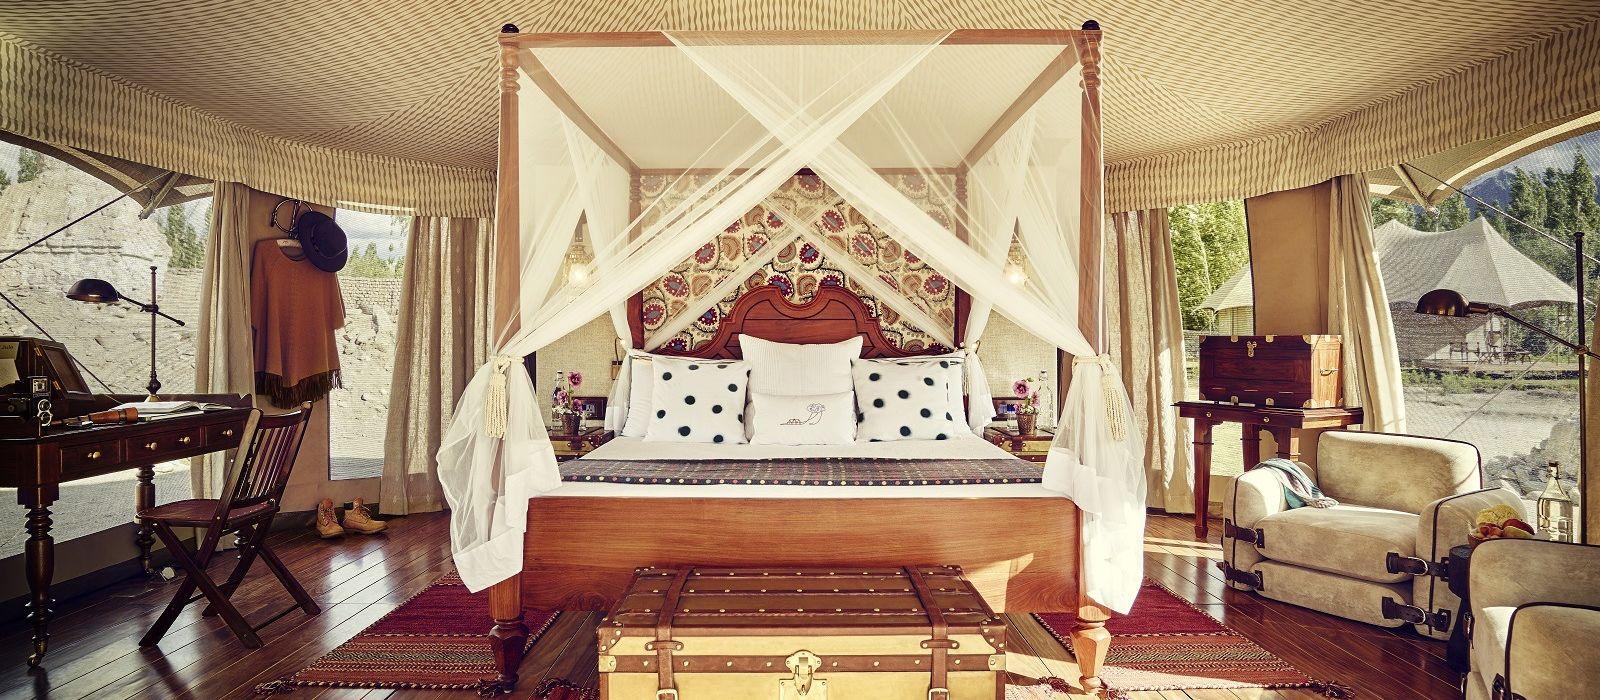 Hotel The Chamba Camp, Thiksey Himalaja